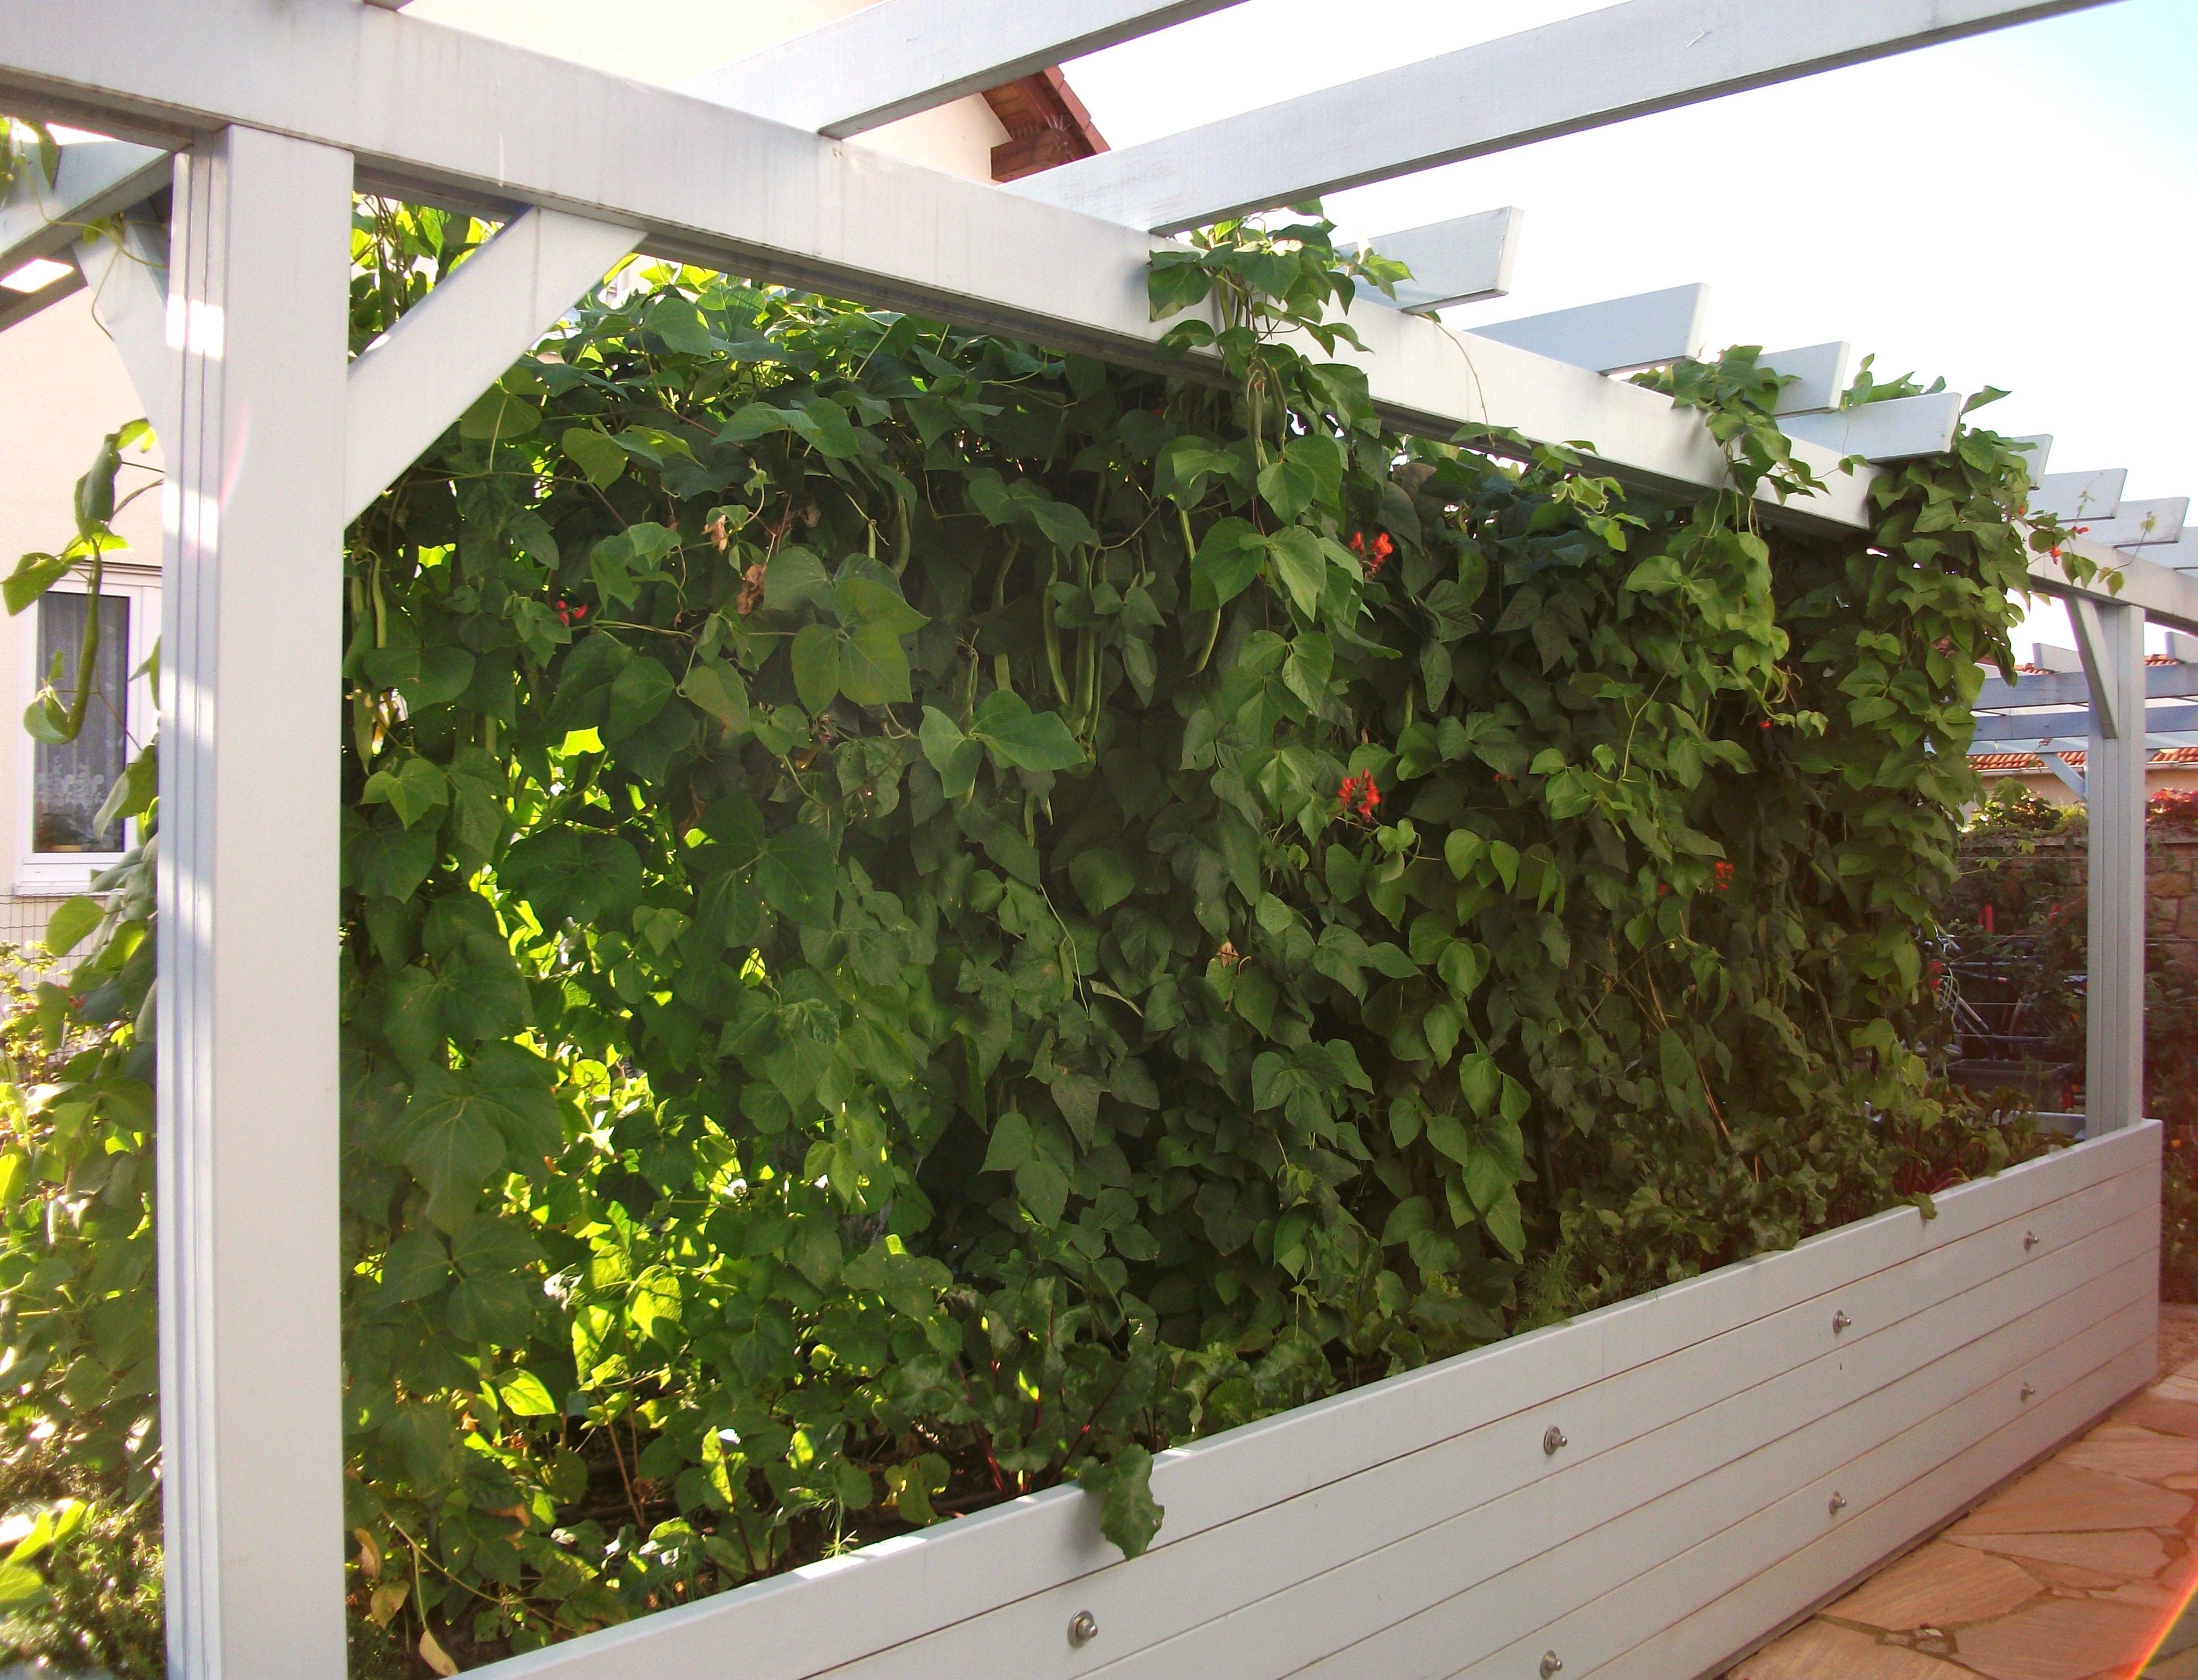 pergola am haus selbst bauen und begrünen, Gartengerate ideen